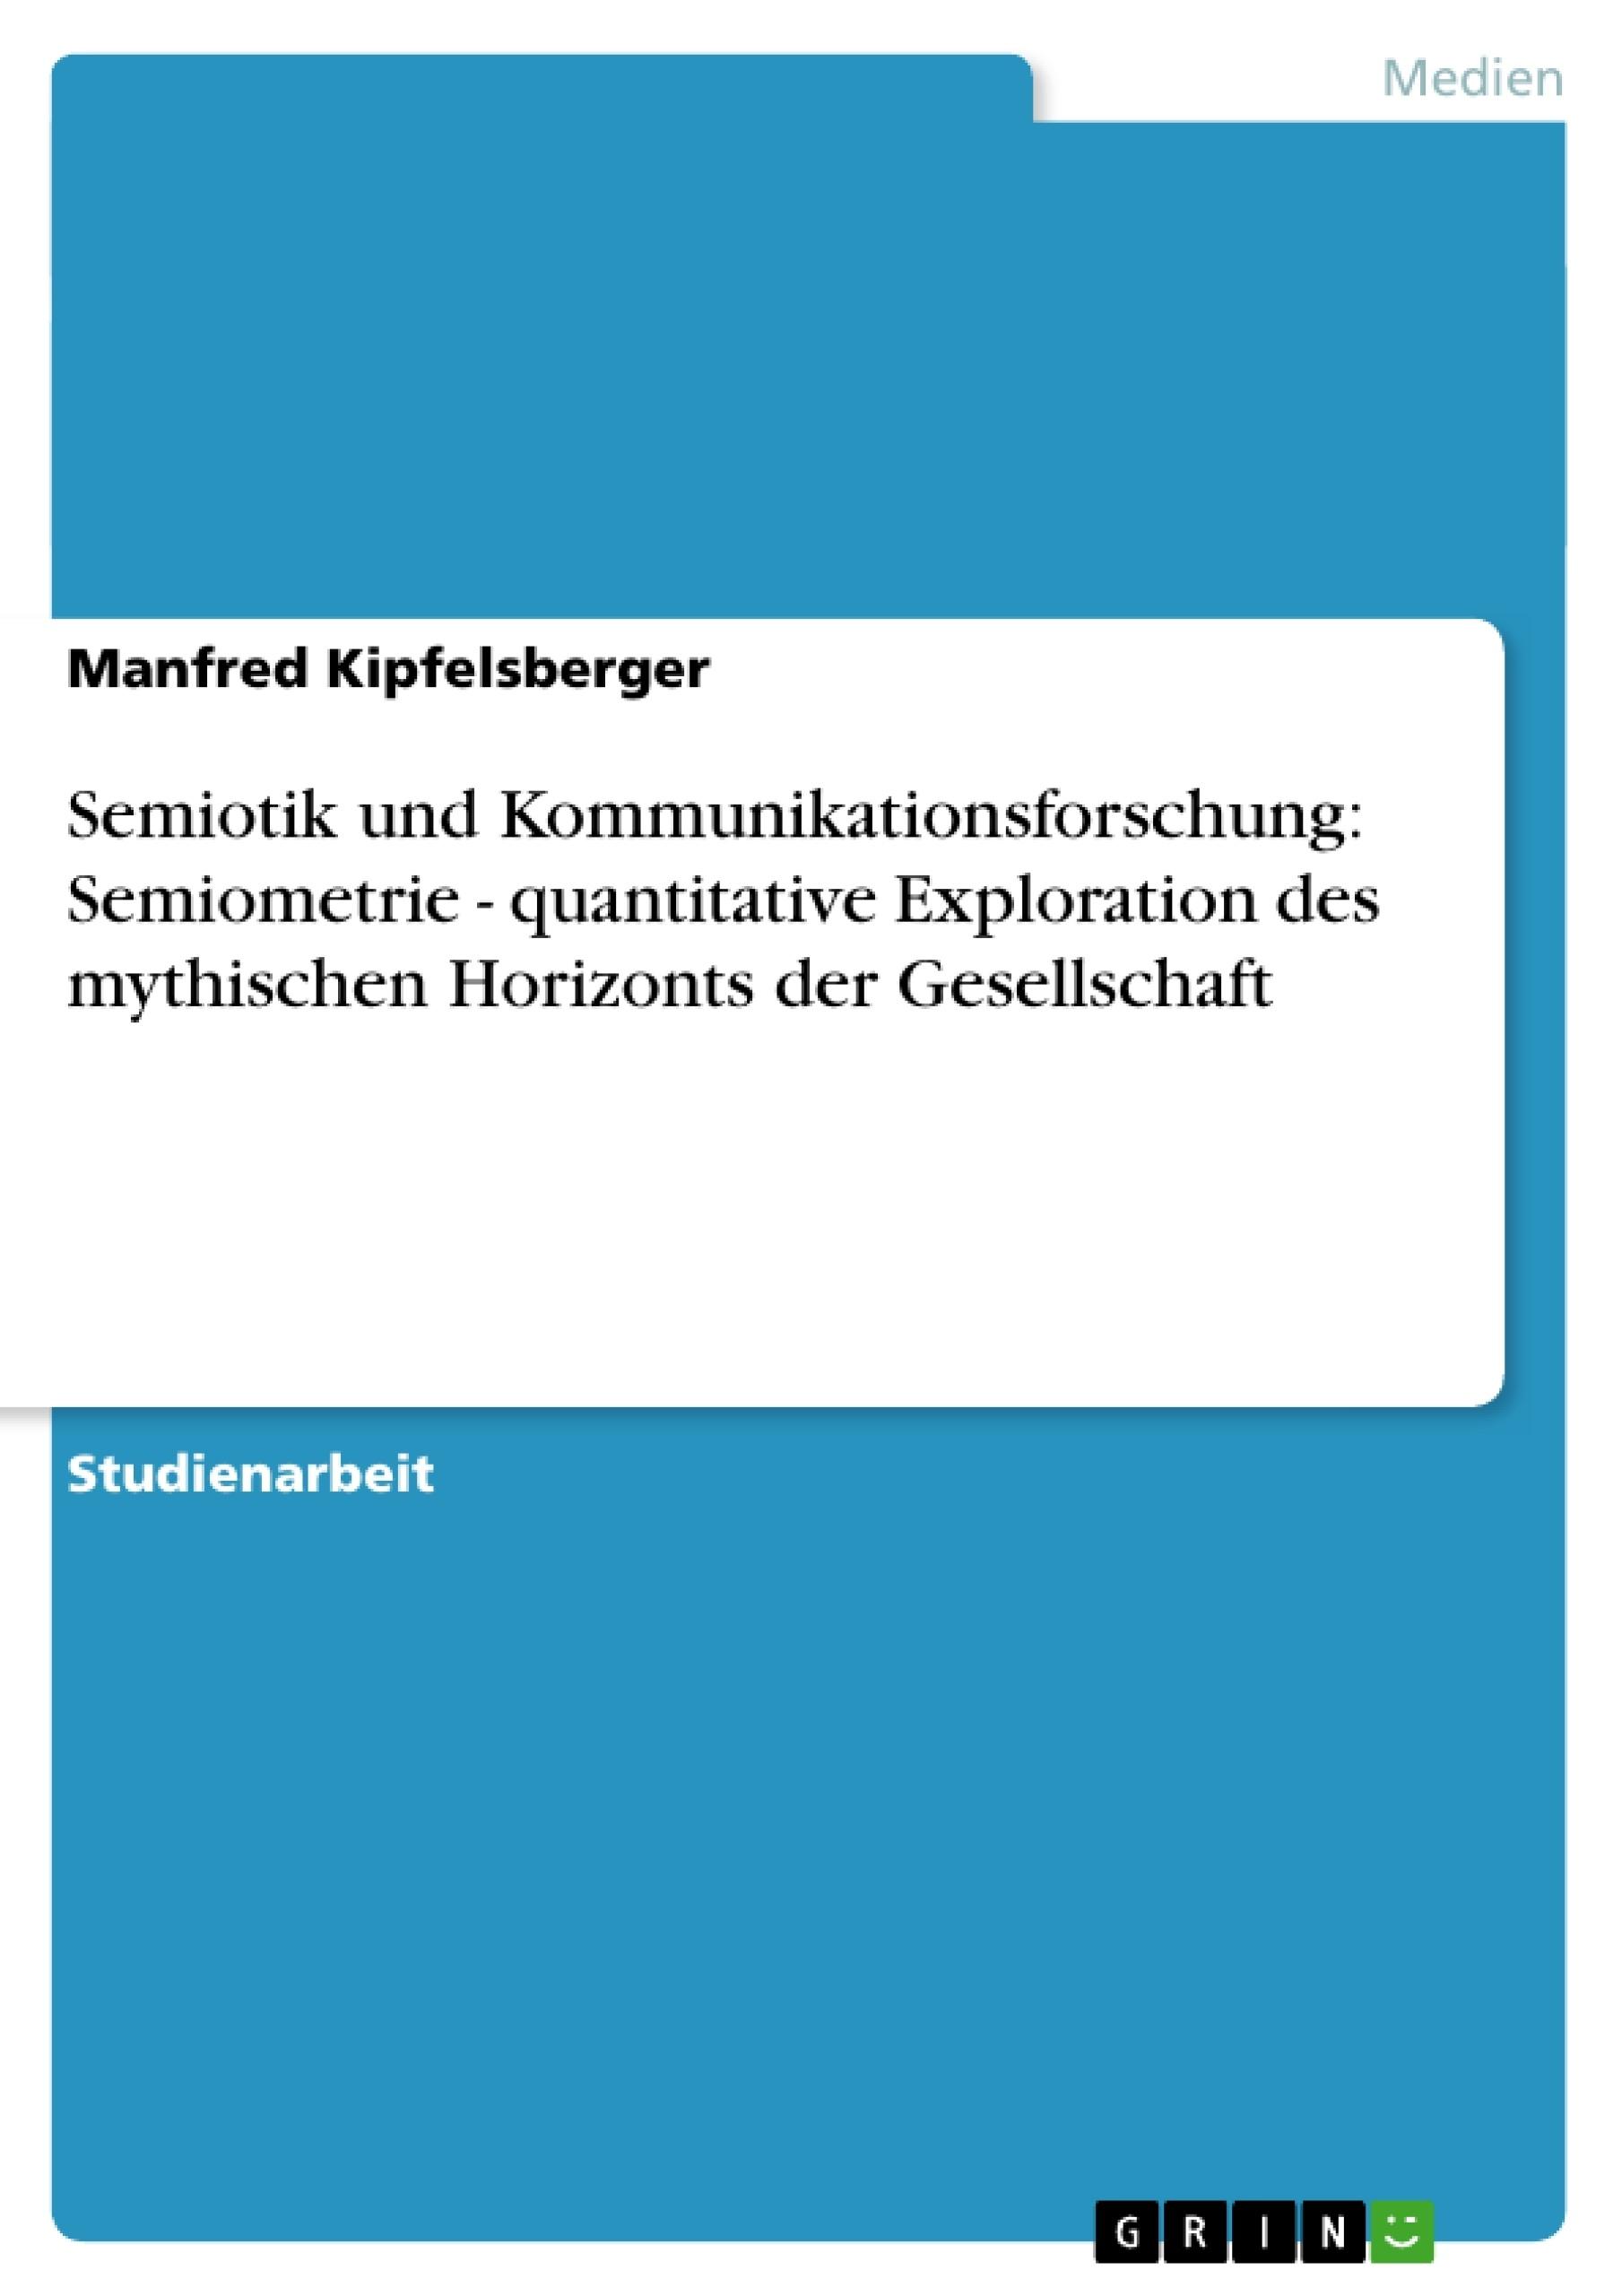 Titel: Semiotik und Kommunikationsforschung: Semiometrie - quantitative Exploration des  mythischen Horizonts der Gesellschaft